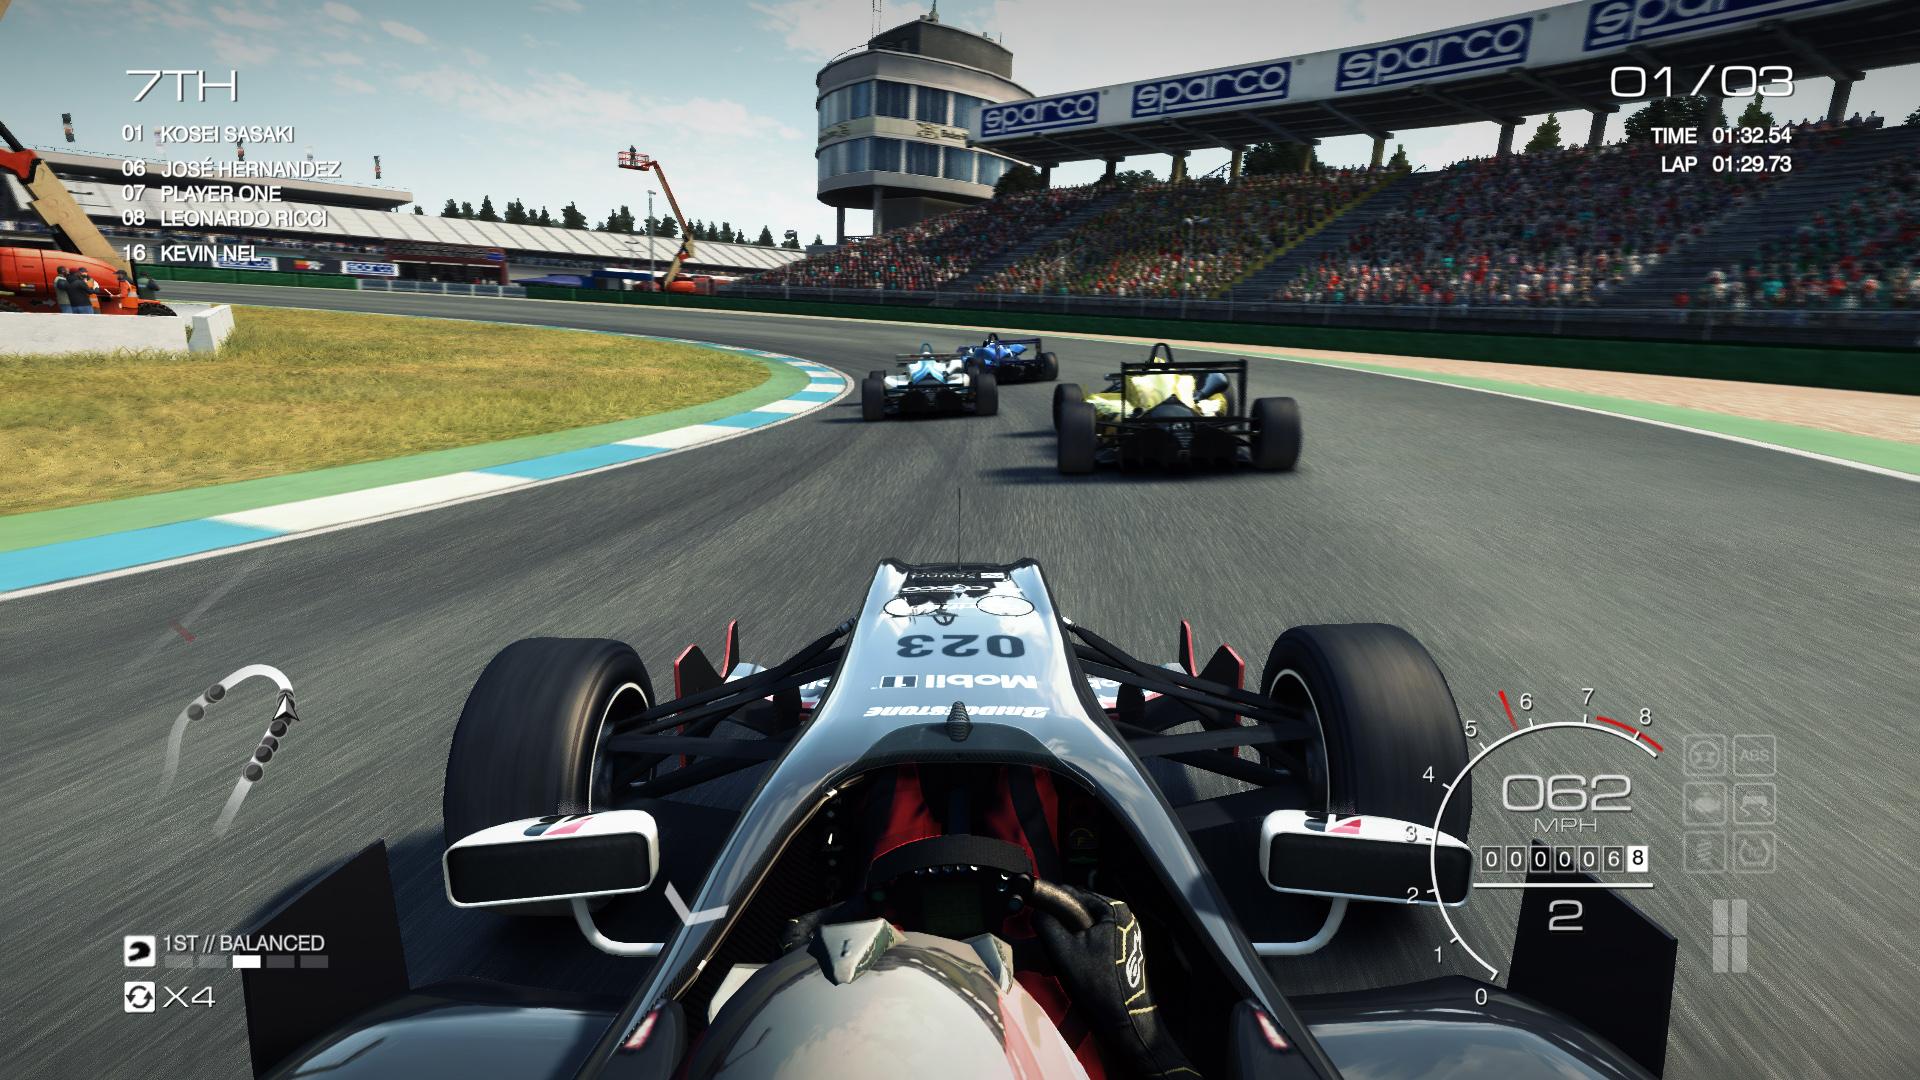 GRID Autosport: Ilyen, amikor a formula kategóriában versenyzel